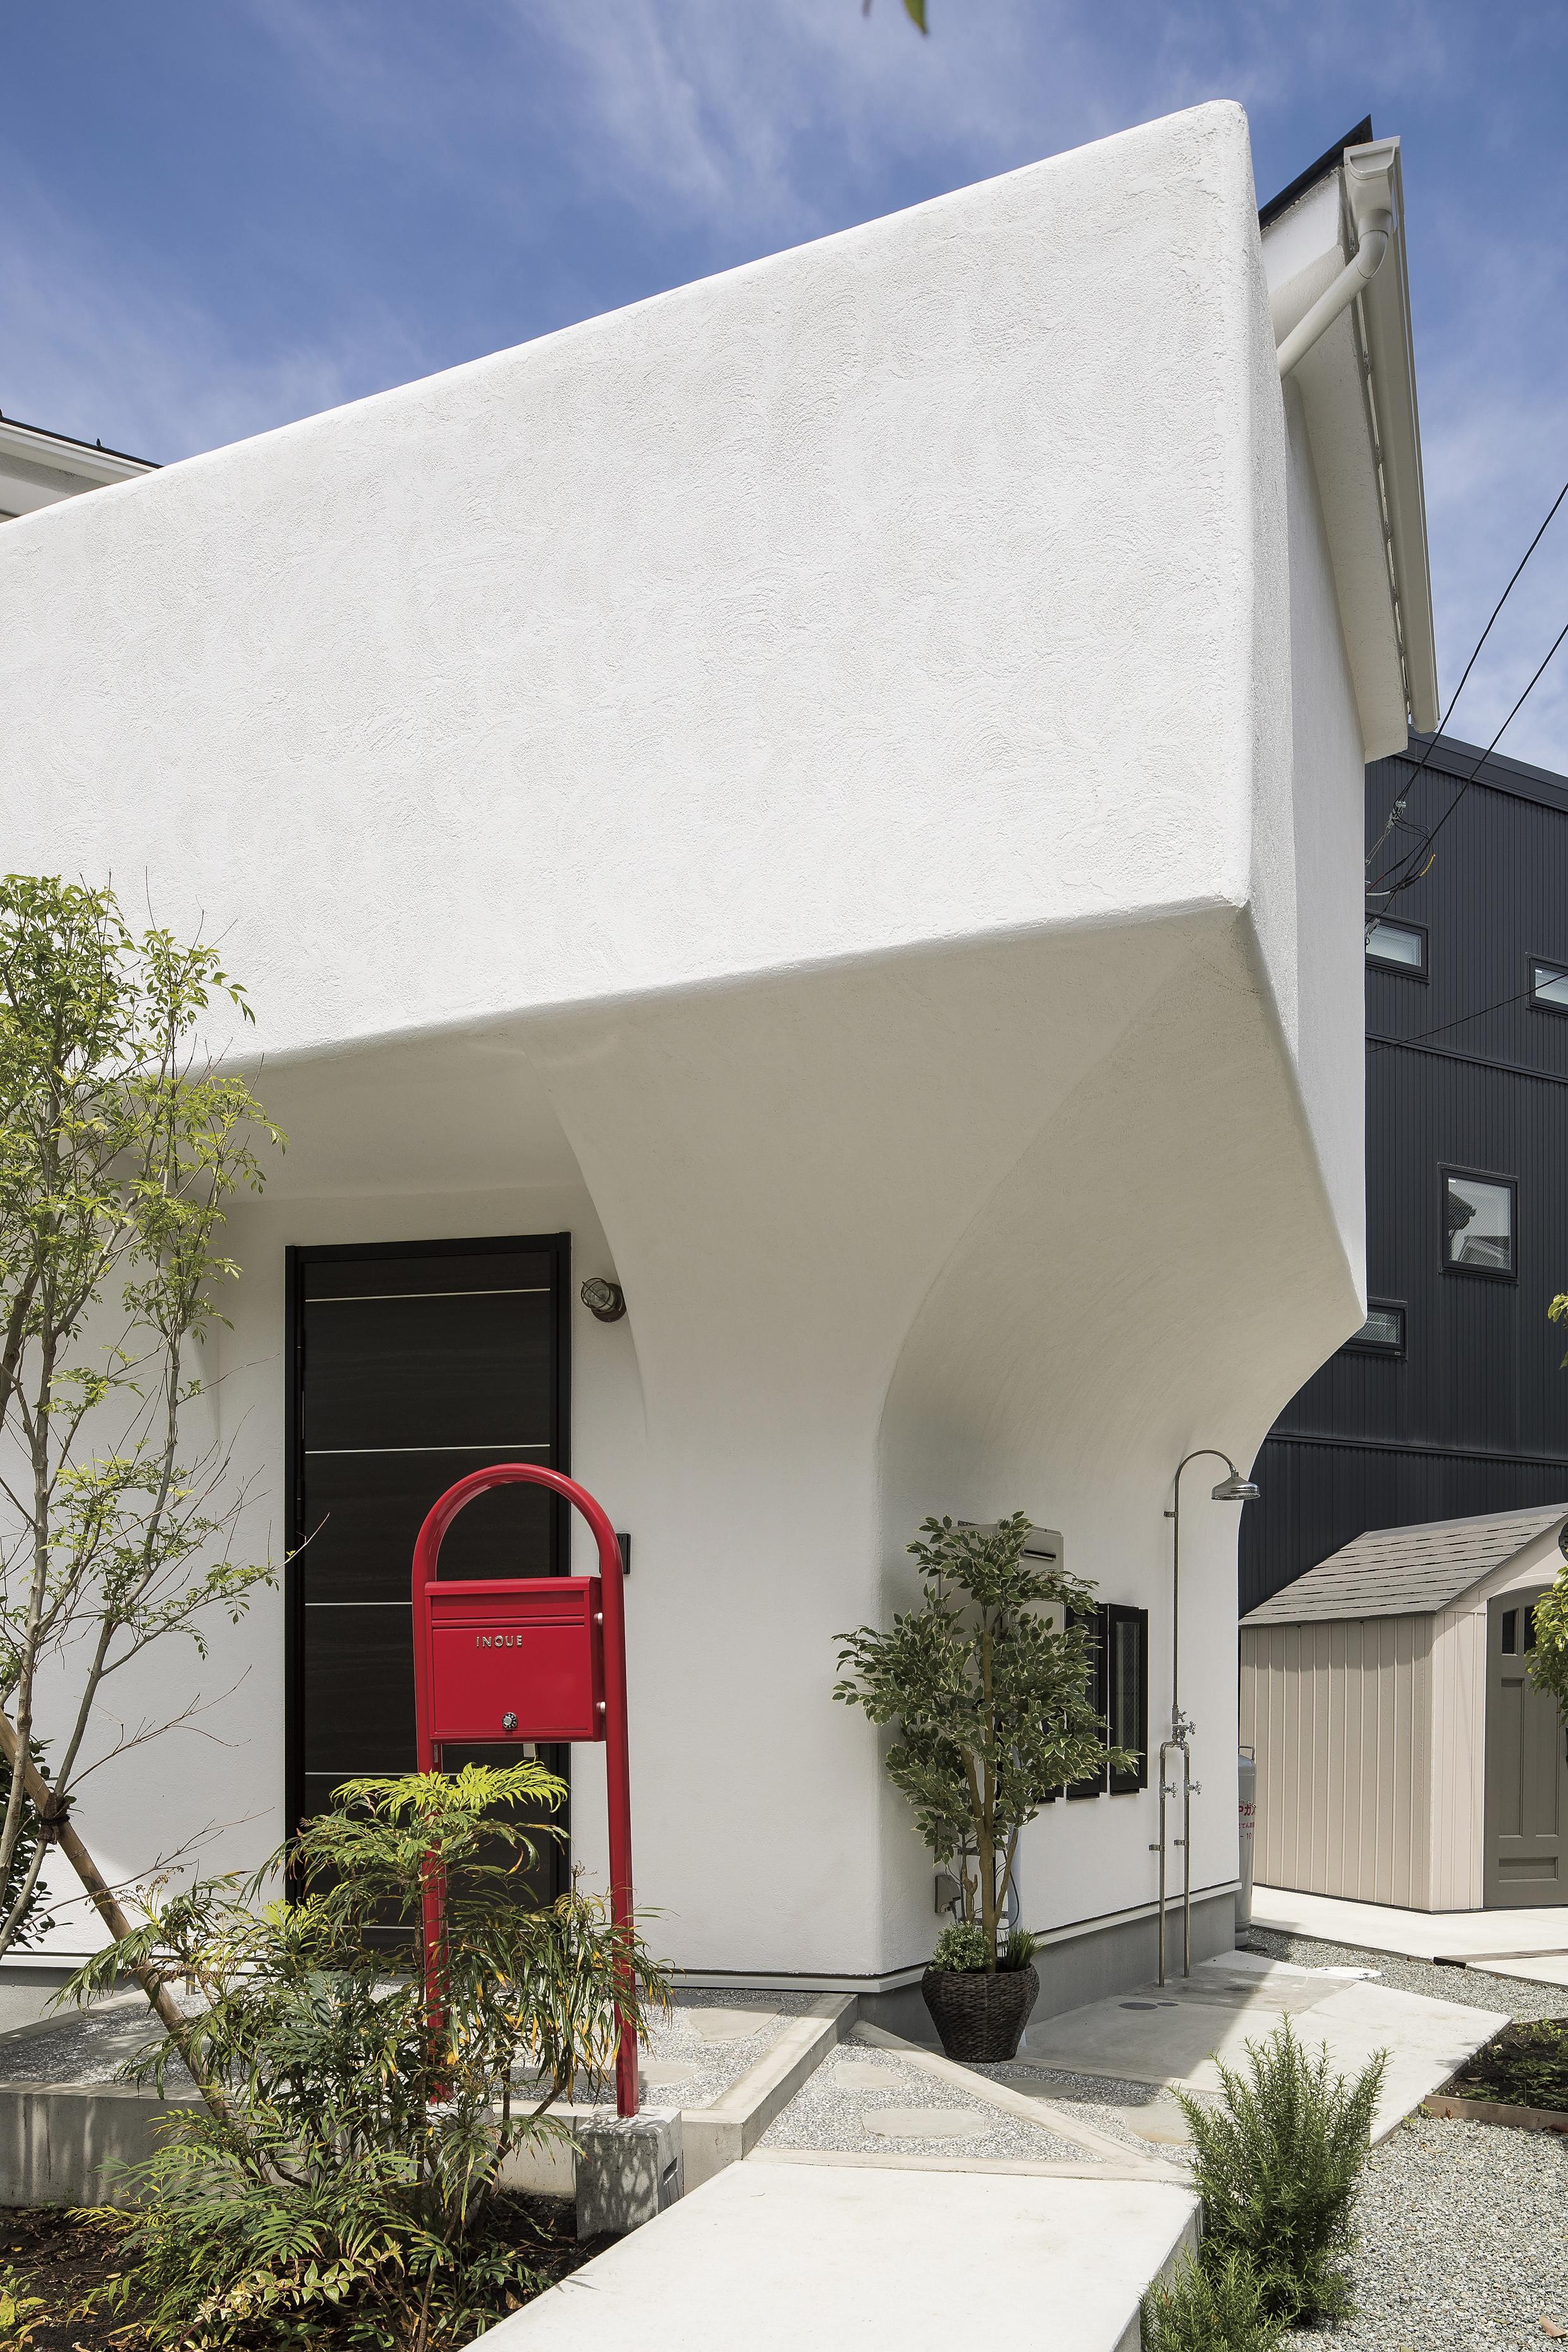 yokosuka-akiya-umibenoie-hakatamaru-sentei